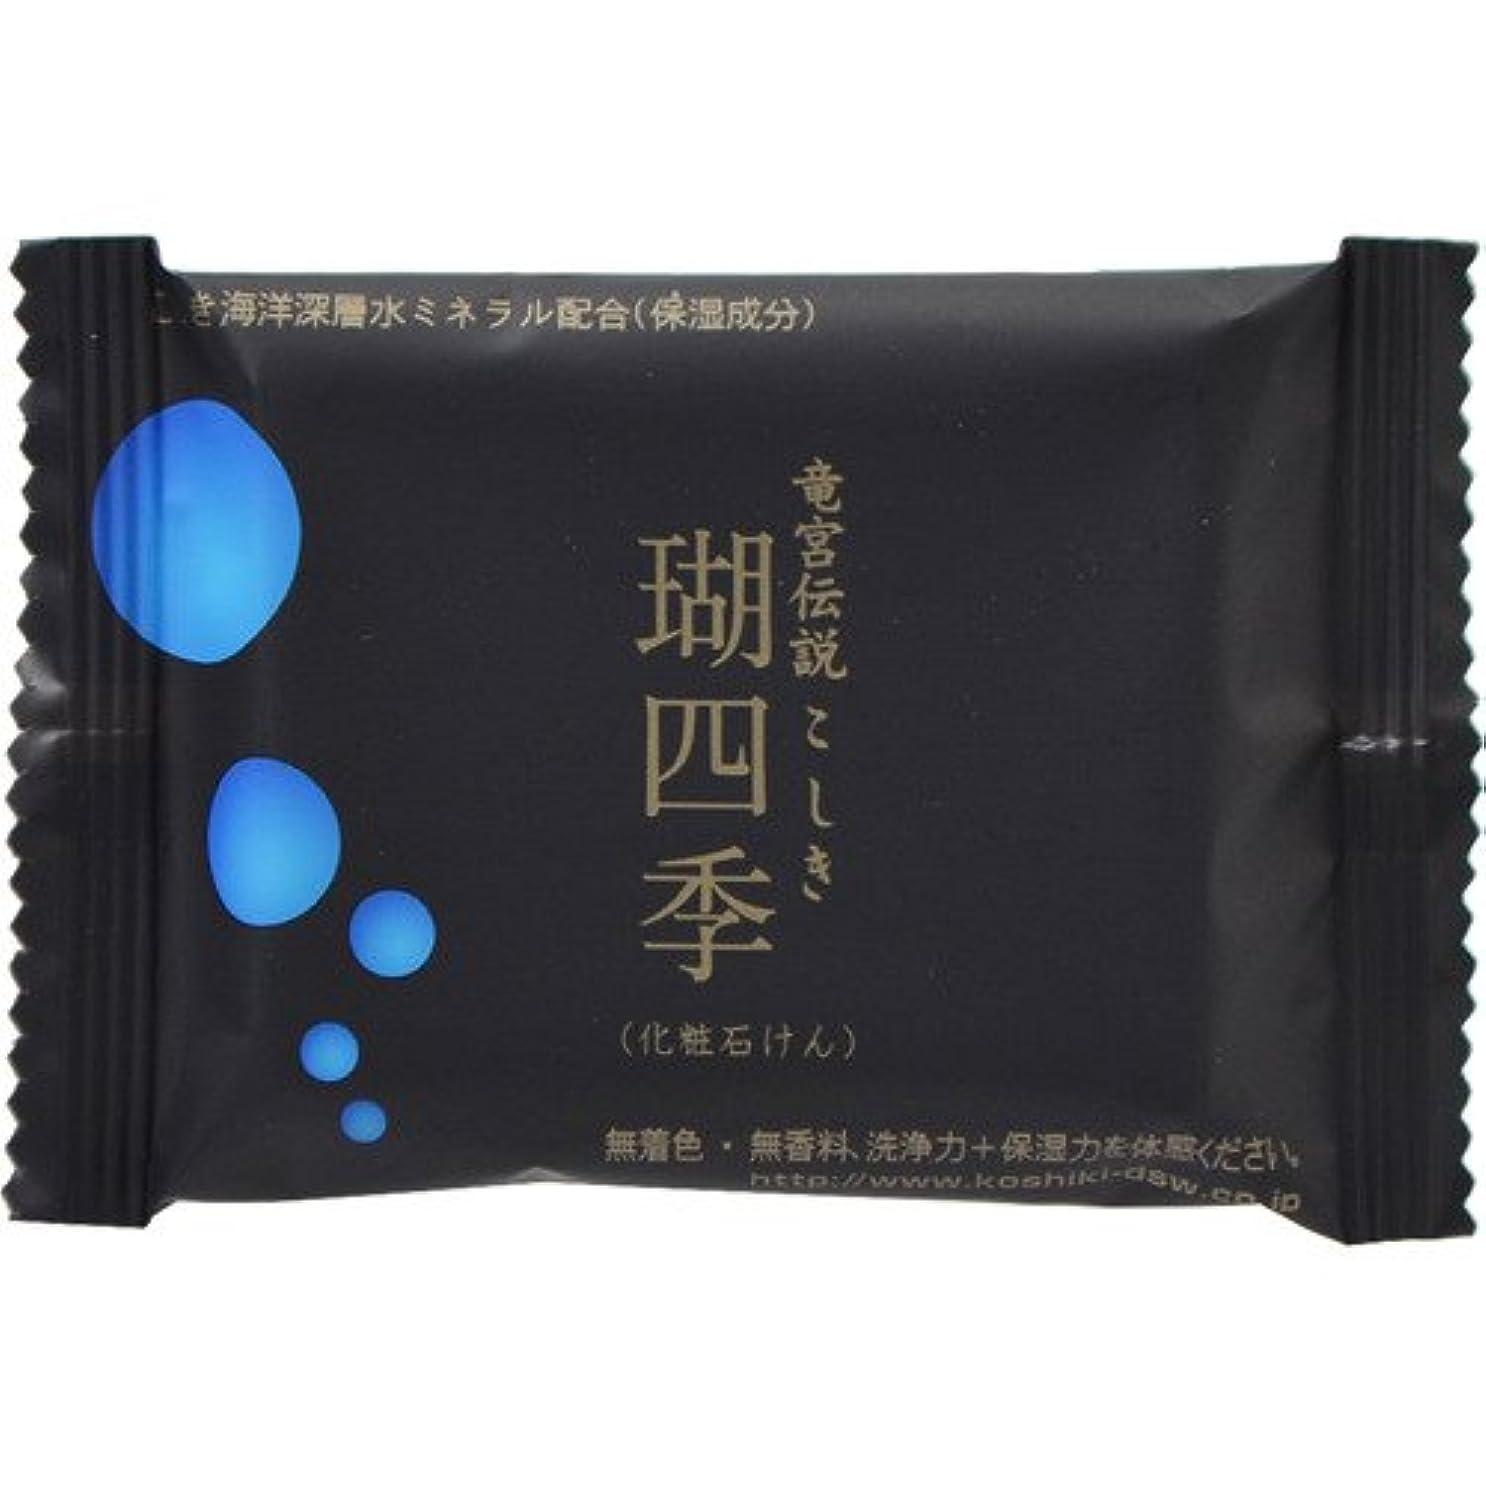 先例ロケーションブラウザ瑚四季 化粧石鹸 30g